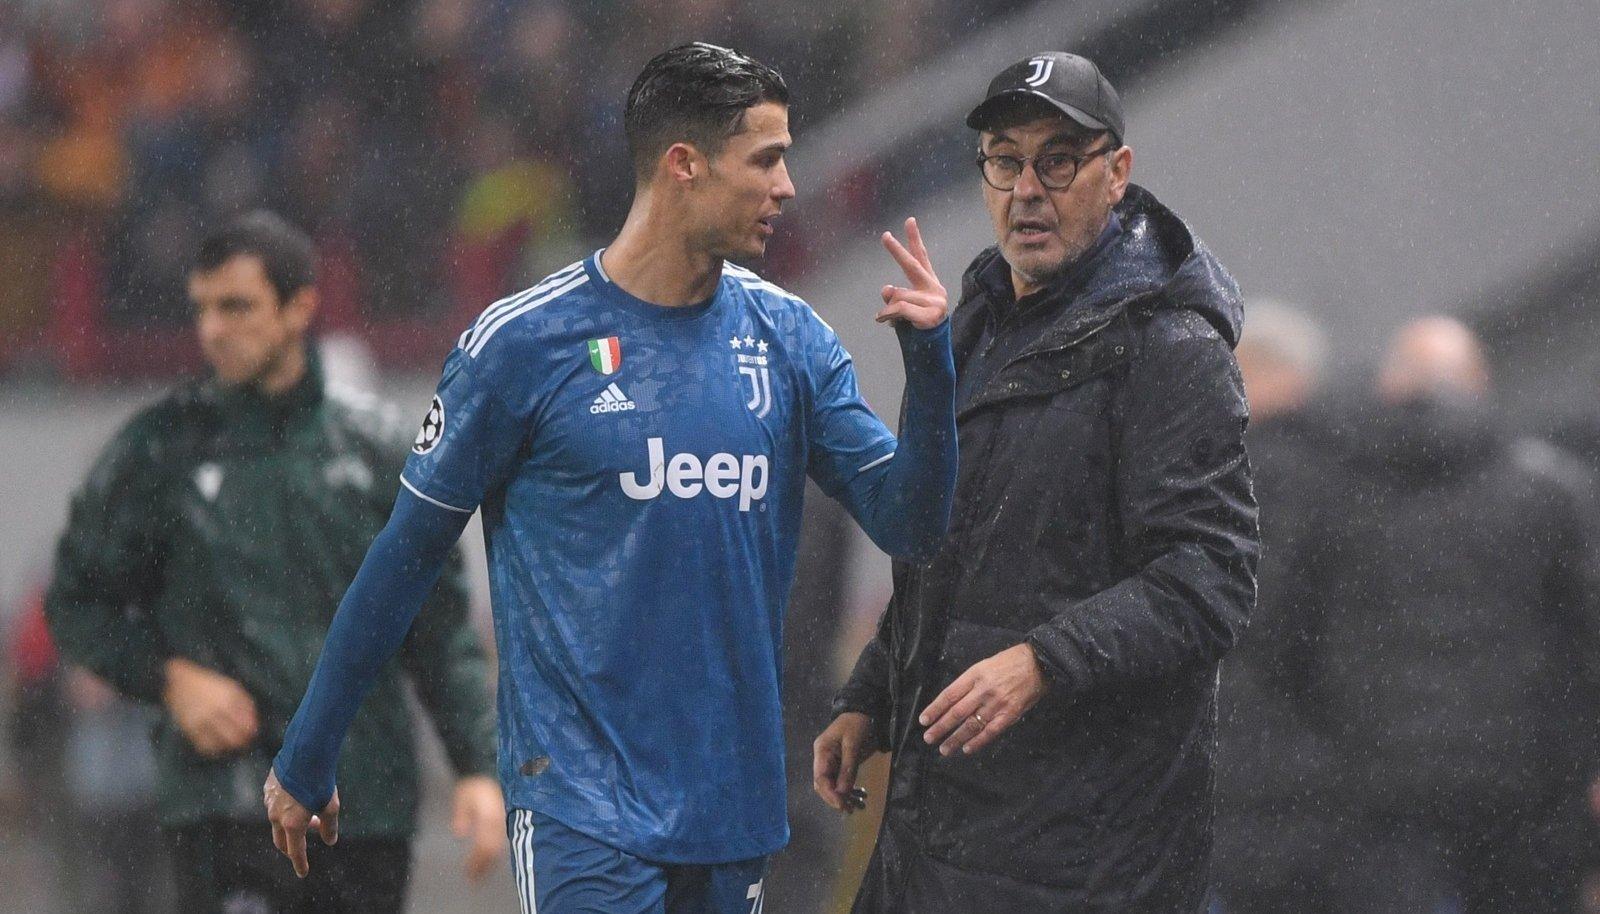 Pingile võetud Cristiano Ronaldo andis Maurizio Sarrile elavalt mõista, et ta ei olnud otsusega rahul.